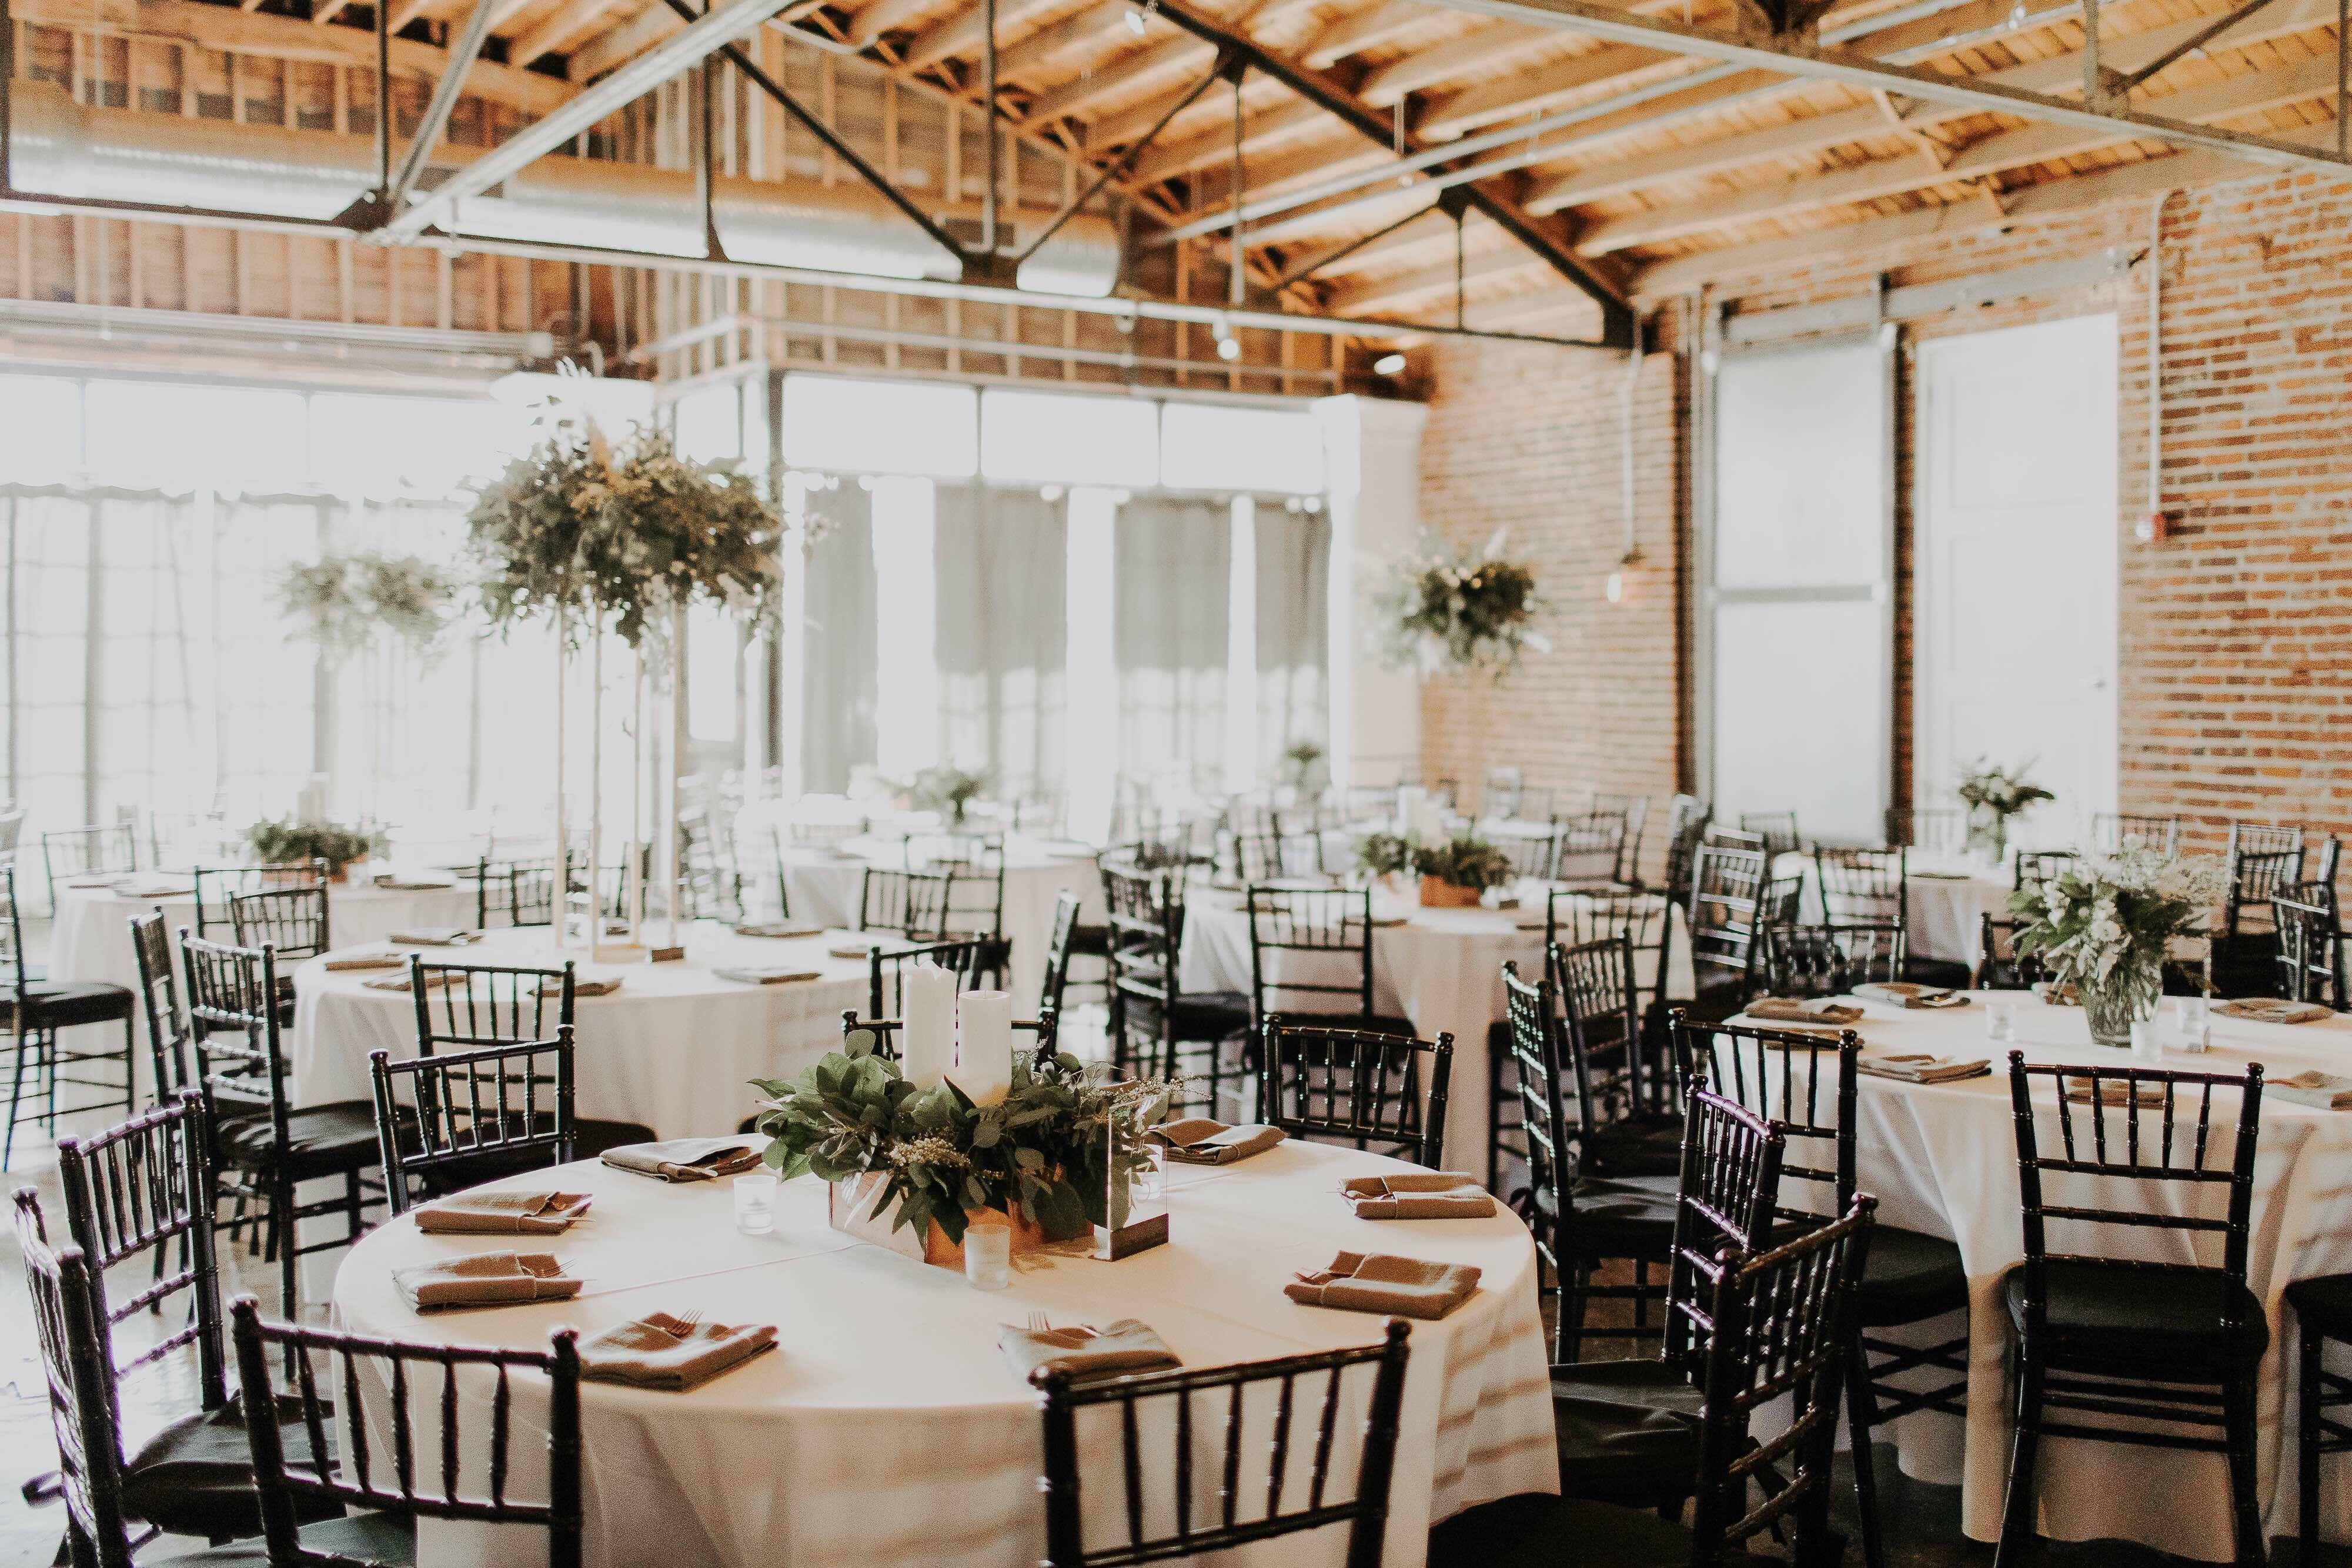 Wedding Reception Venues Kansas City Under 1000 In 2020 Kansas City Wedding Venues Kansas City Wedding Outdoor Wedding Venues